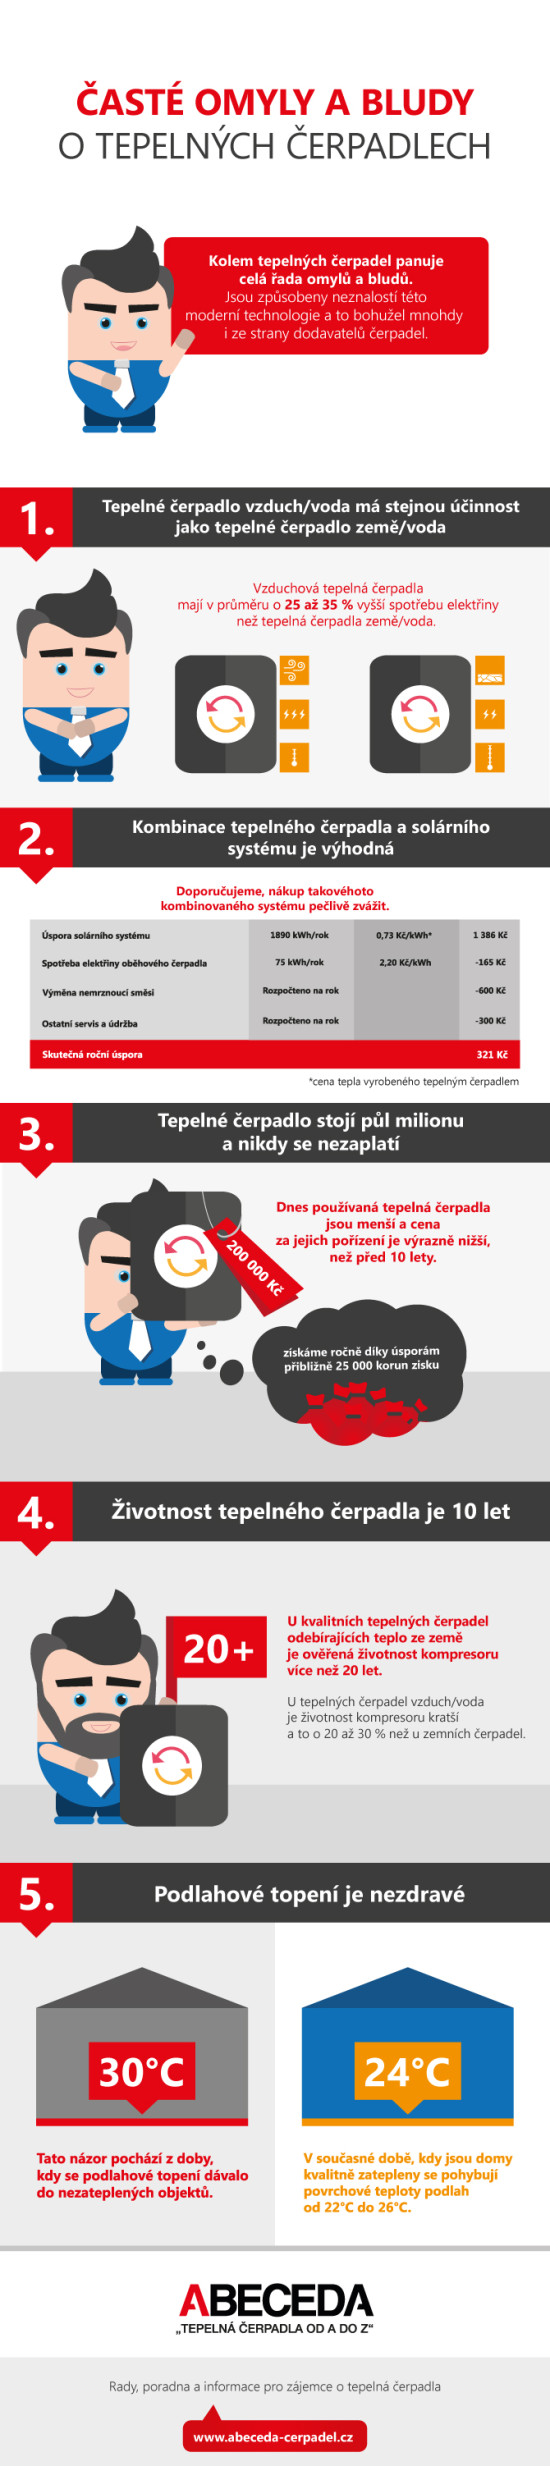 Mýty a bludy o tepelných čerpadlech – Infografika